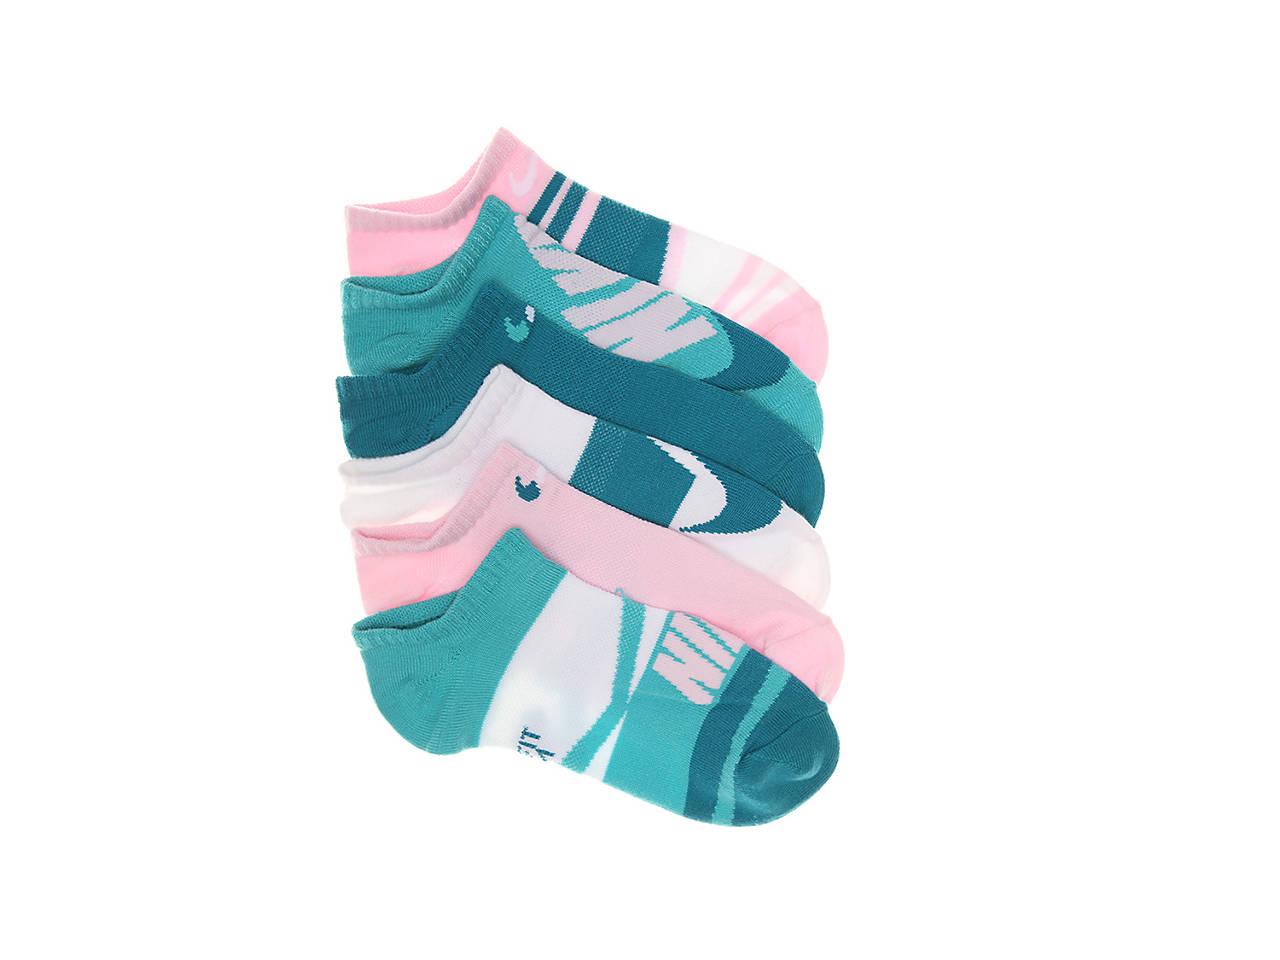 Lightweight Kids' No Show Socks 6 Pack